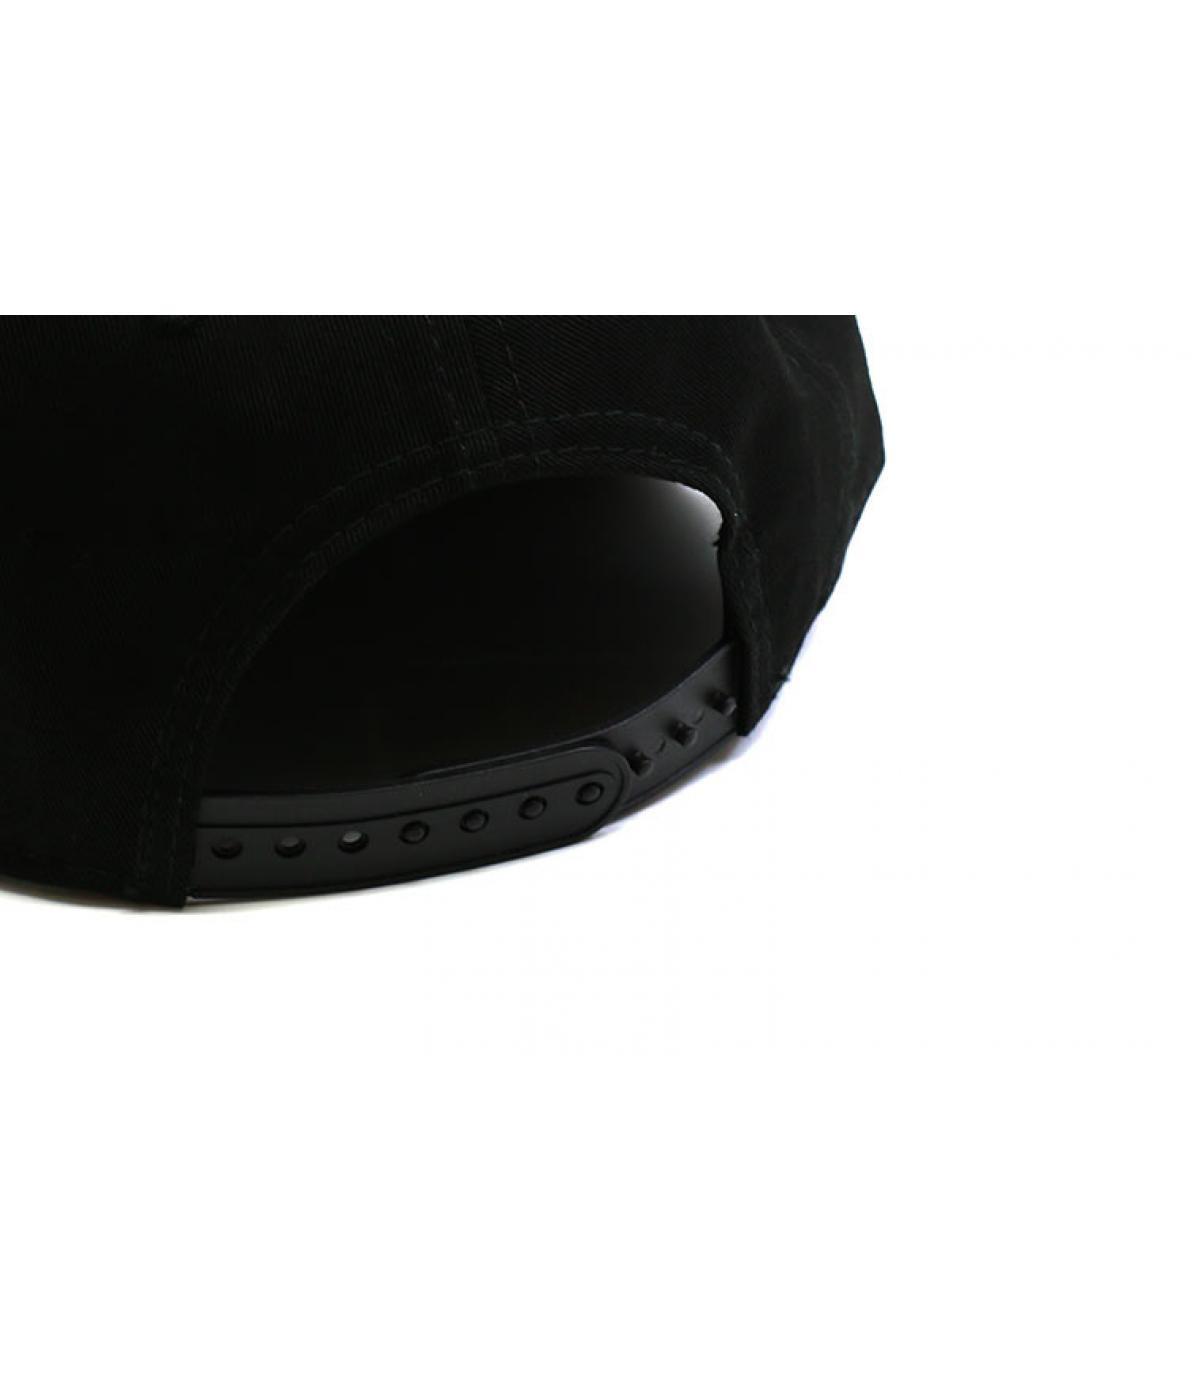 Details Snpaback Kids Essentials NY 950 black white - Abbildung 5